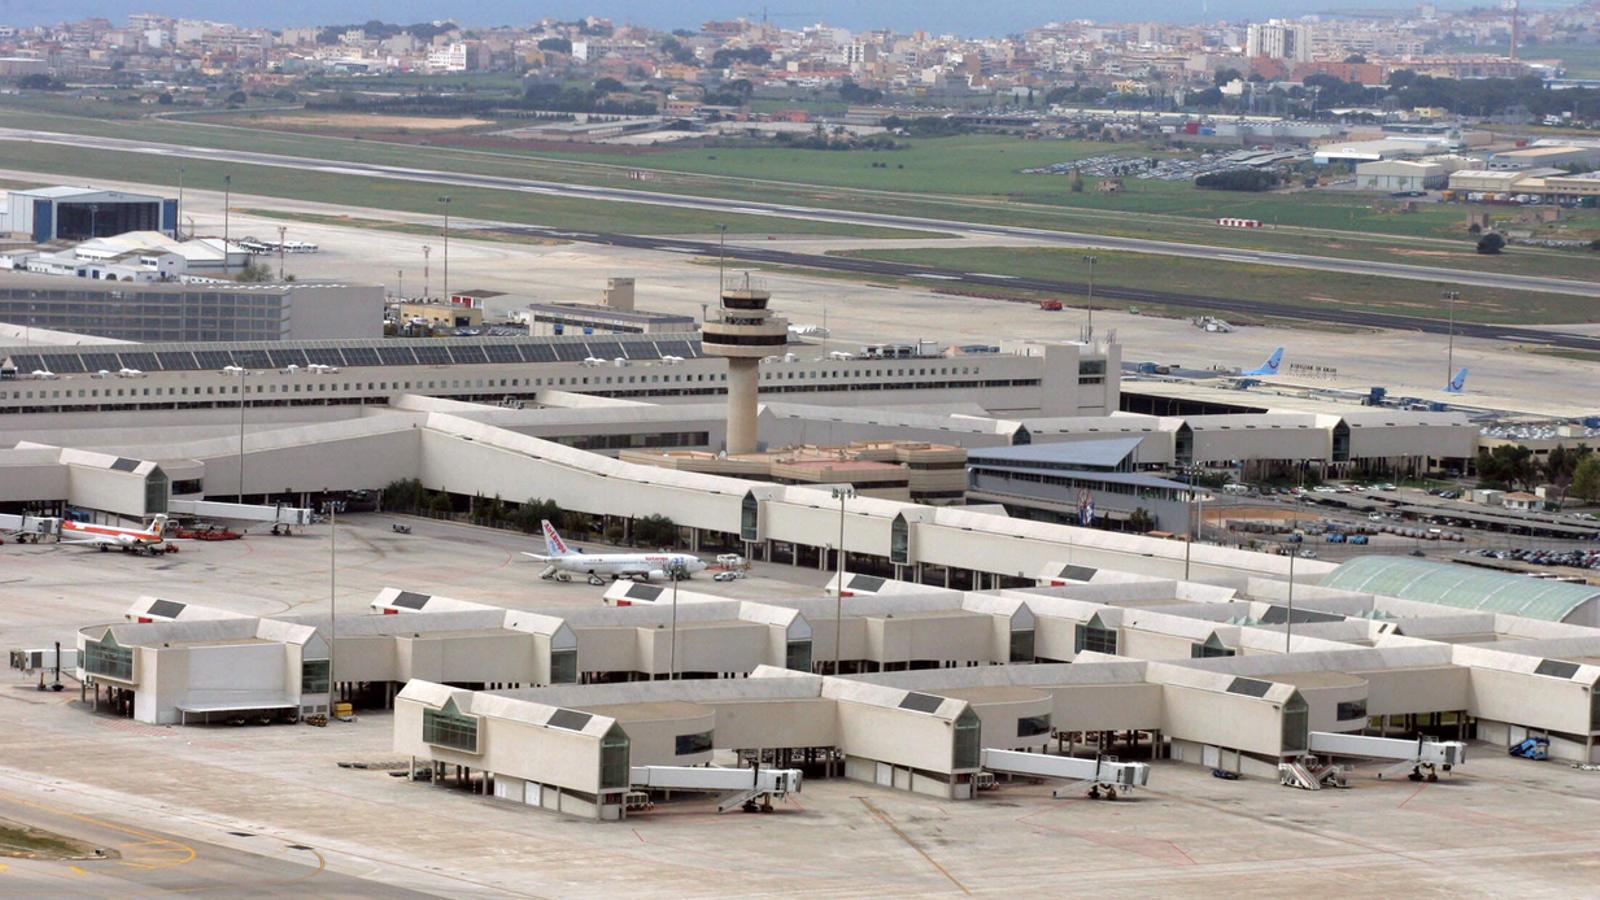 L'aeroport de Son Sant Joan ha superat els 23 milions de passatgers. / ARA BALEARS